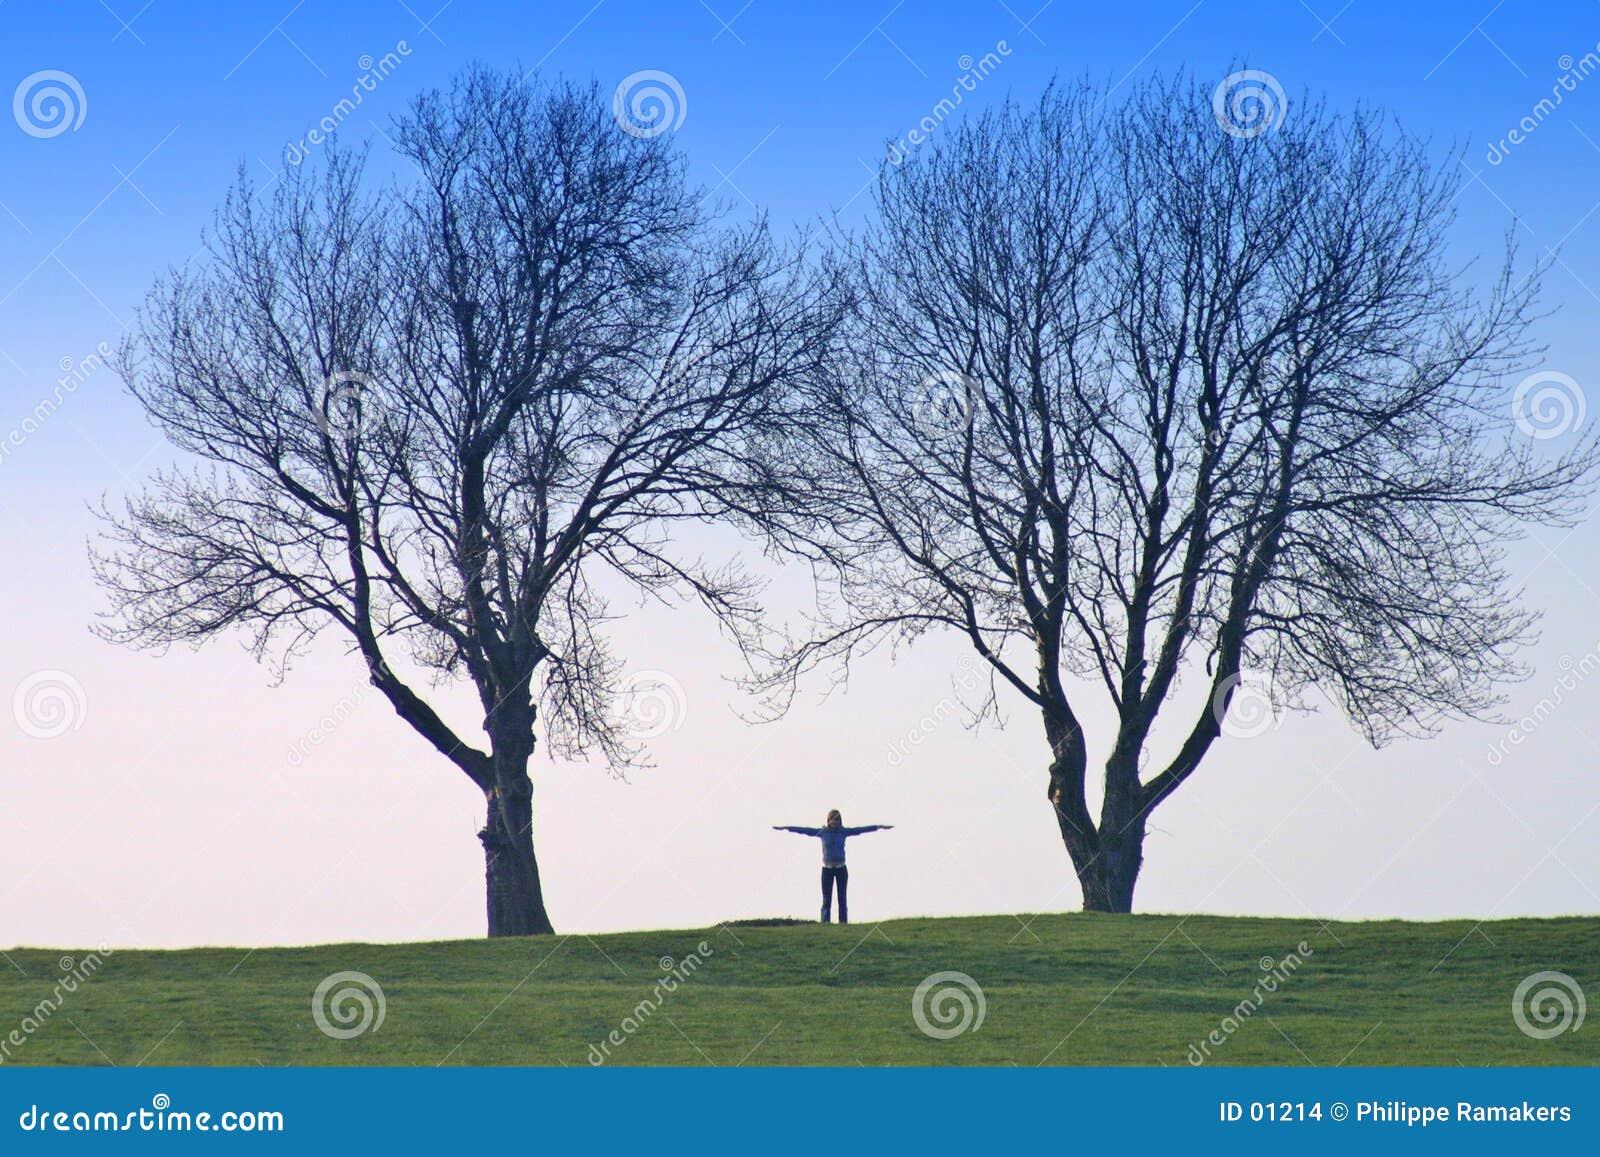 Menselijke vorm en bomen